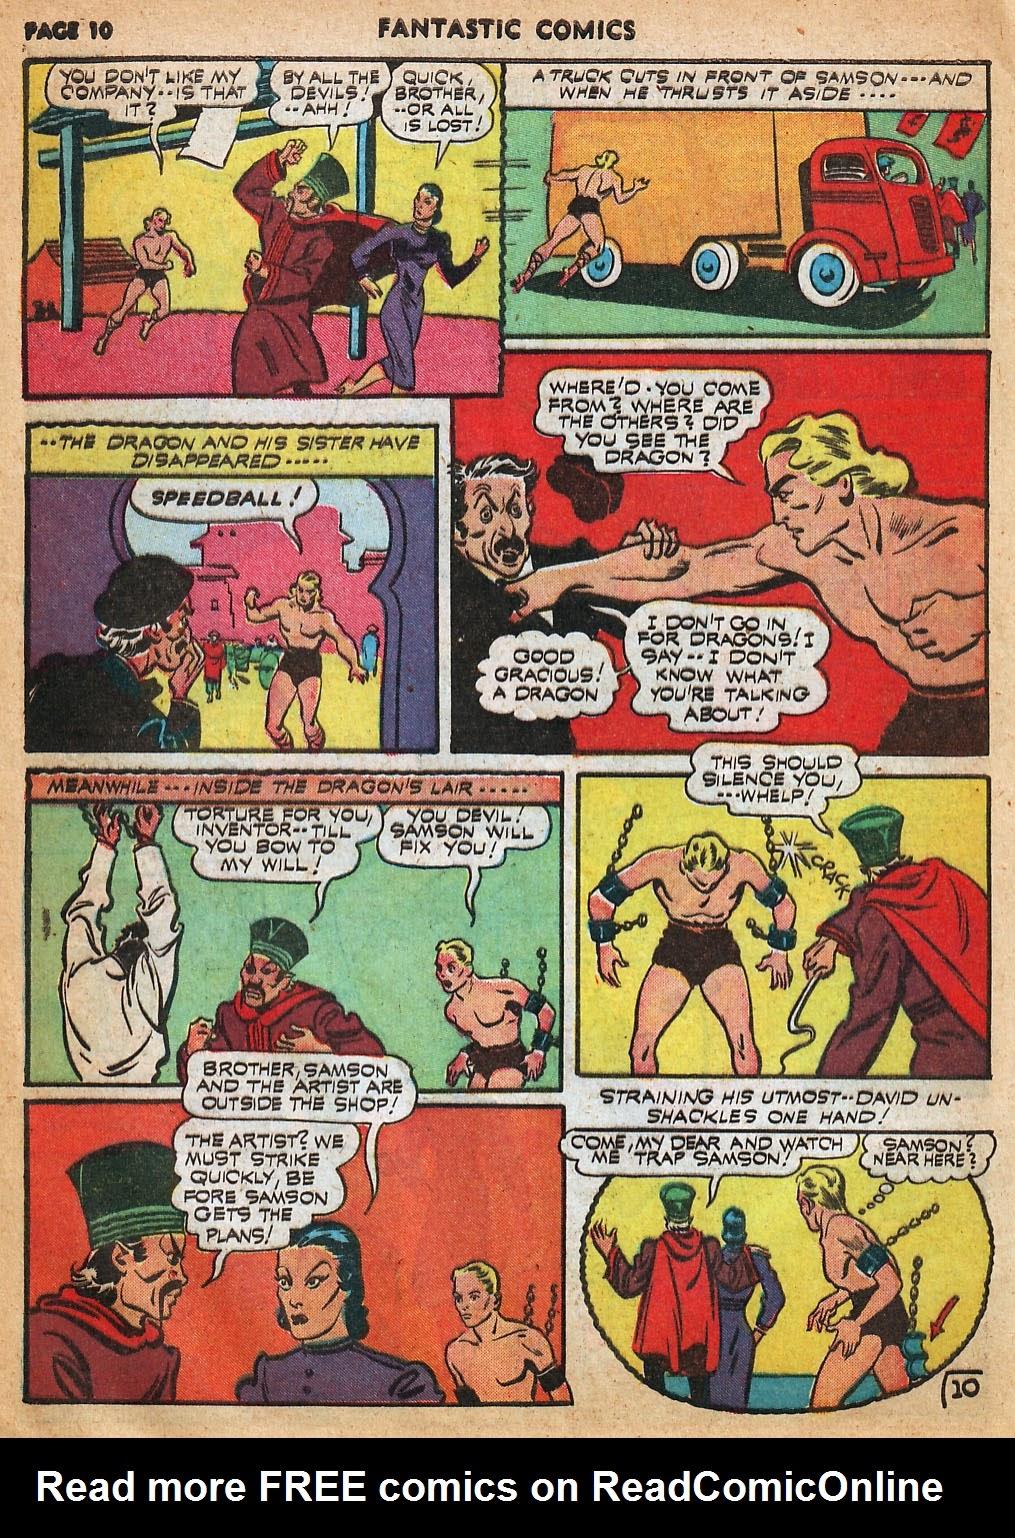 Read online Fantastic Comics comic -  Issue #22 - 12